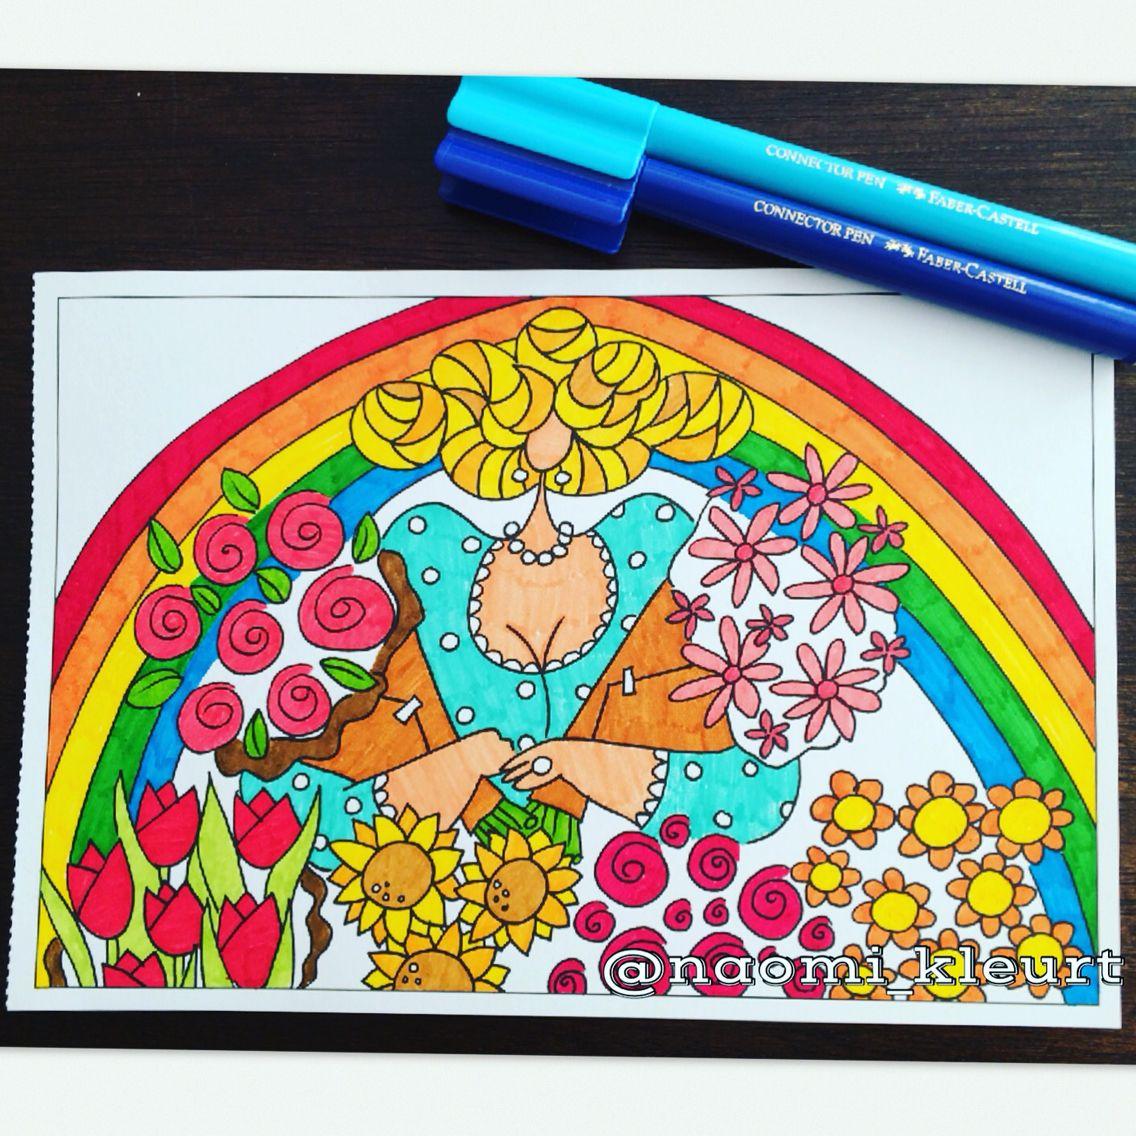 Kleuren Voor Volwassenen Dikke Dames Kleurboek Voor Volwassenen Het Enige Echte Dikke Dames Kleurboek Om Te Versturen Stabilo Kleurboek Kleurplaten Kleuren